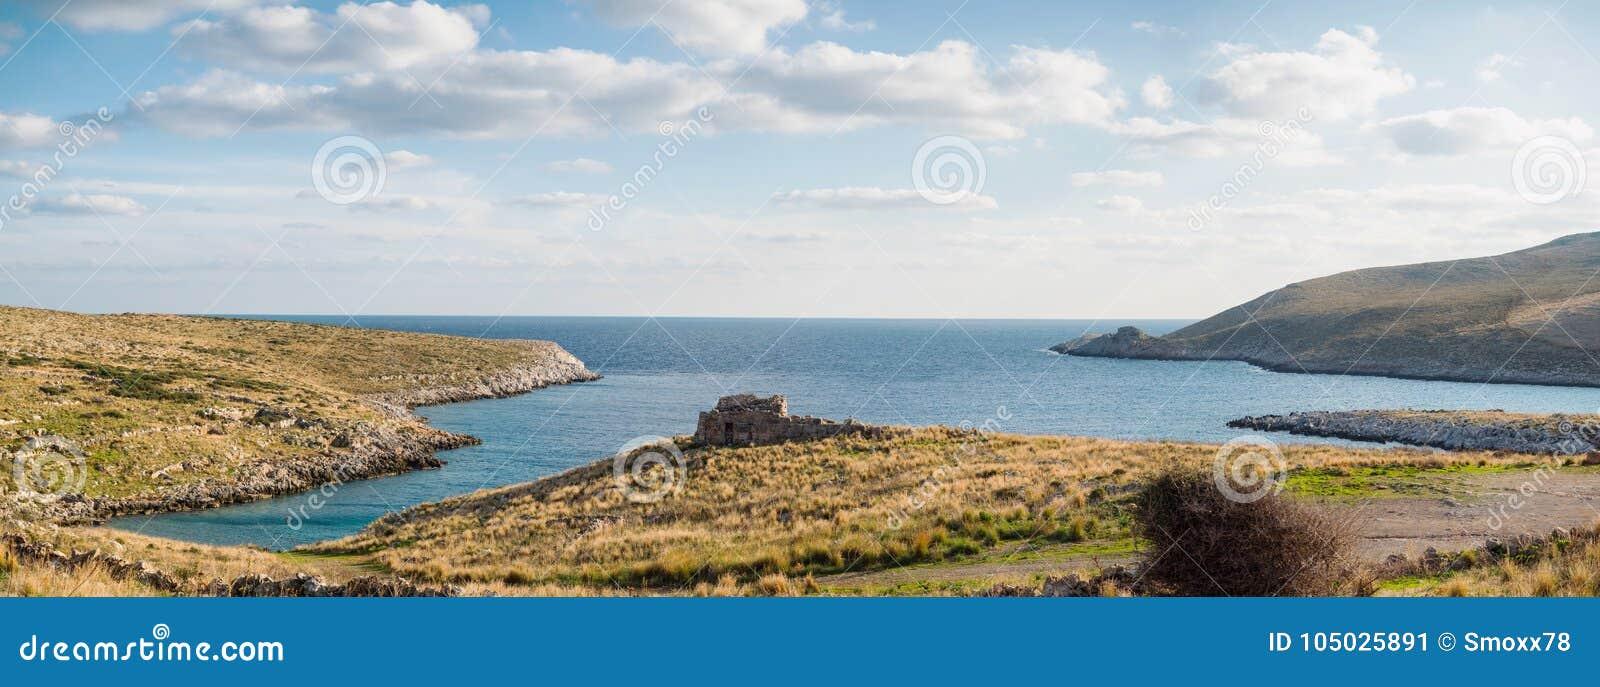 Ακρωτήριο Matapan σε Mani, Laconia, Πελοπόννησος, Ελλάδα